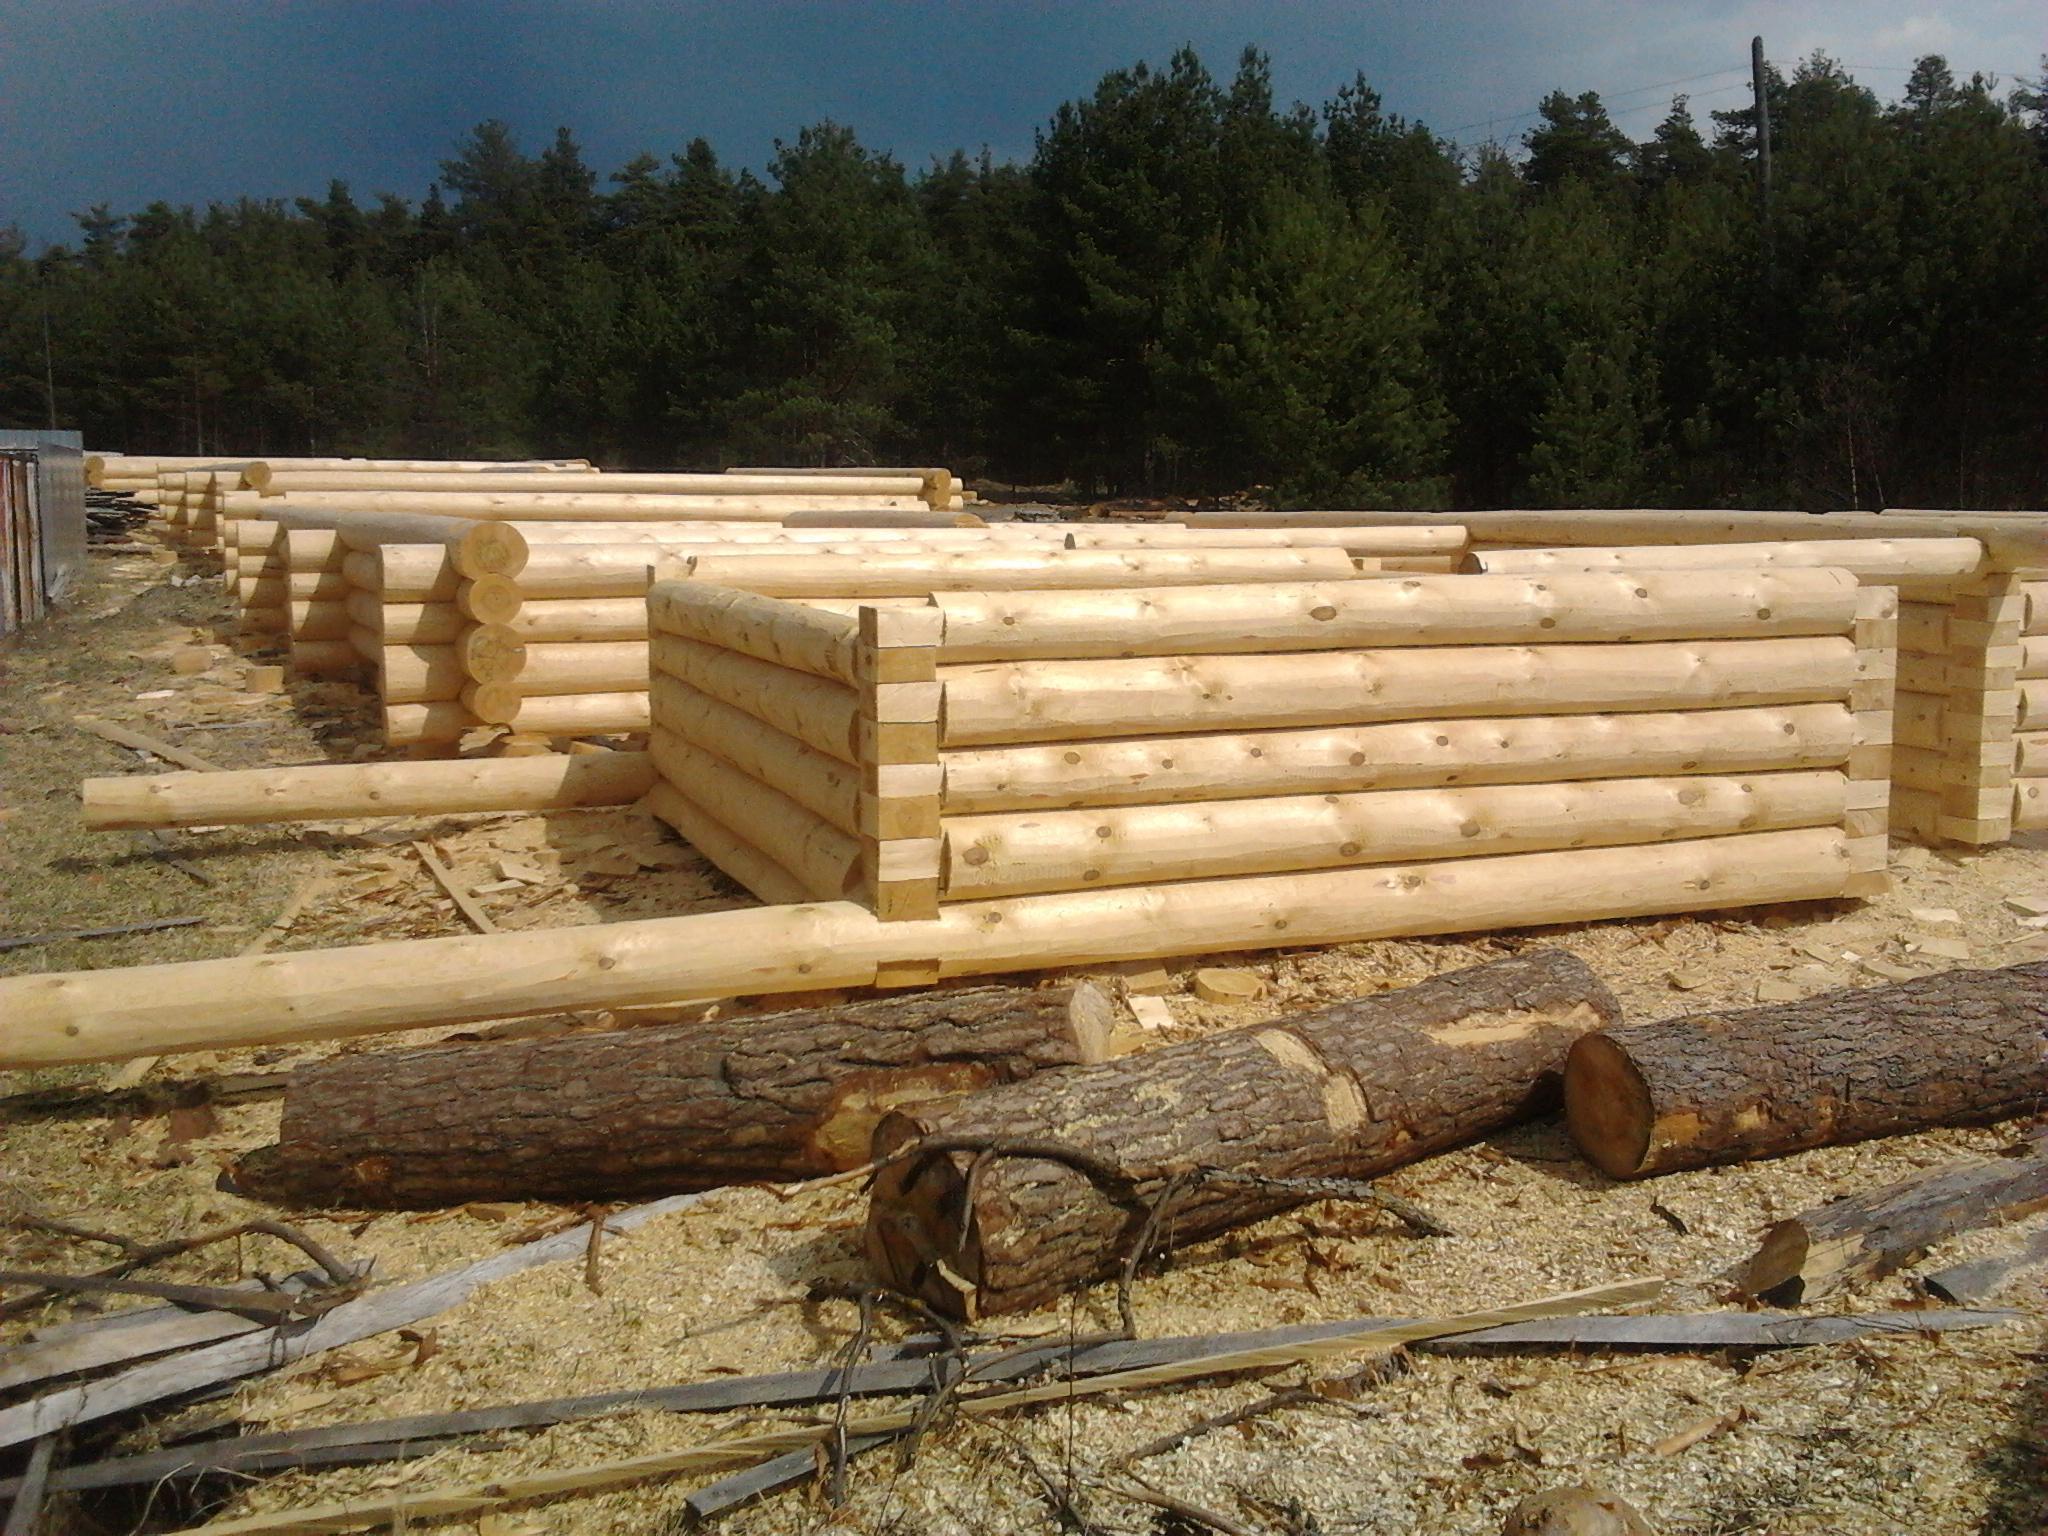 Баня из сруба: строим своими руками поэтапно + проекты, фото, видео